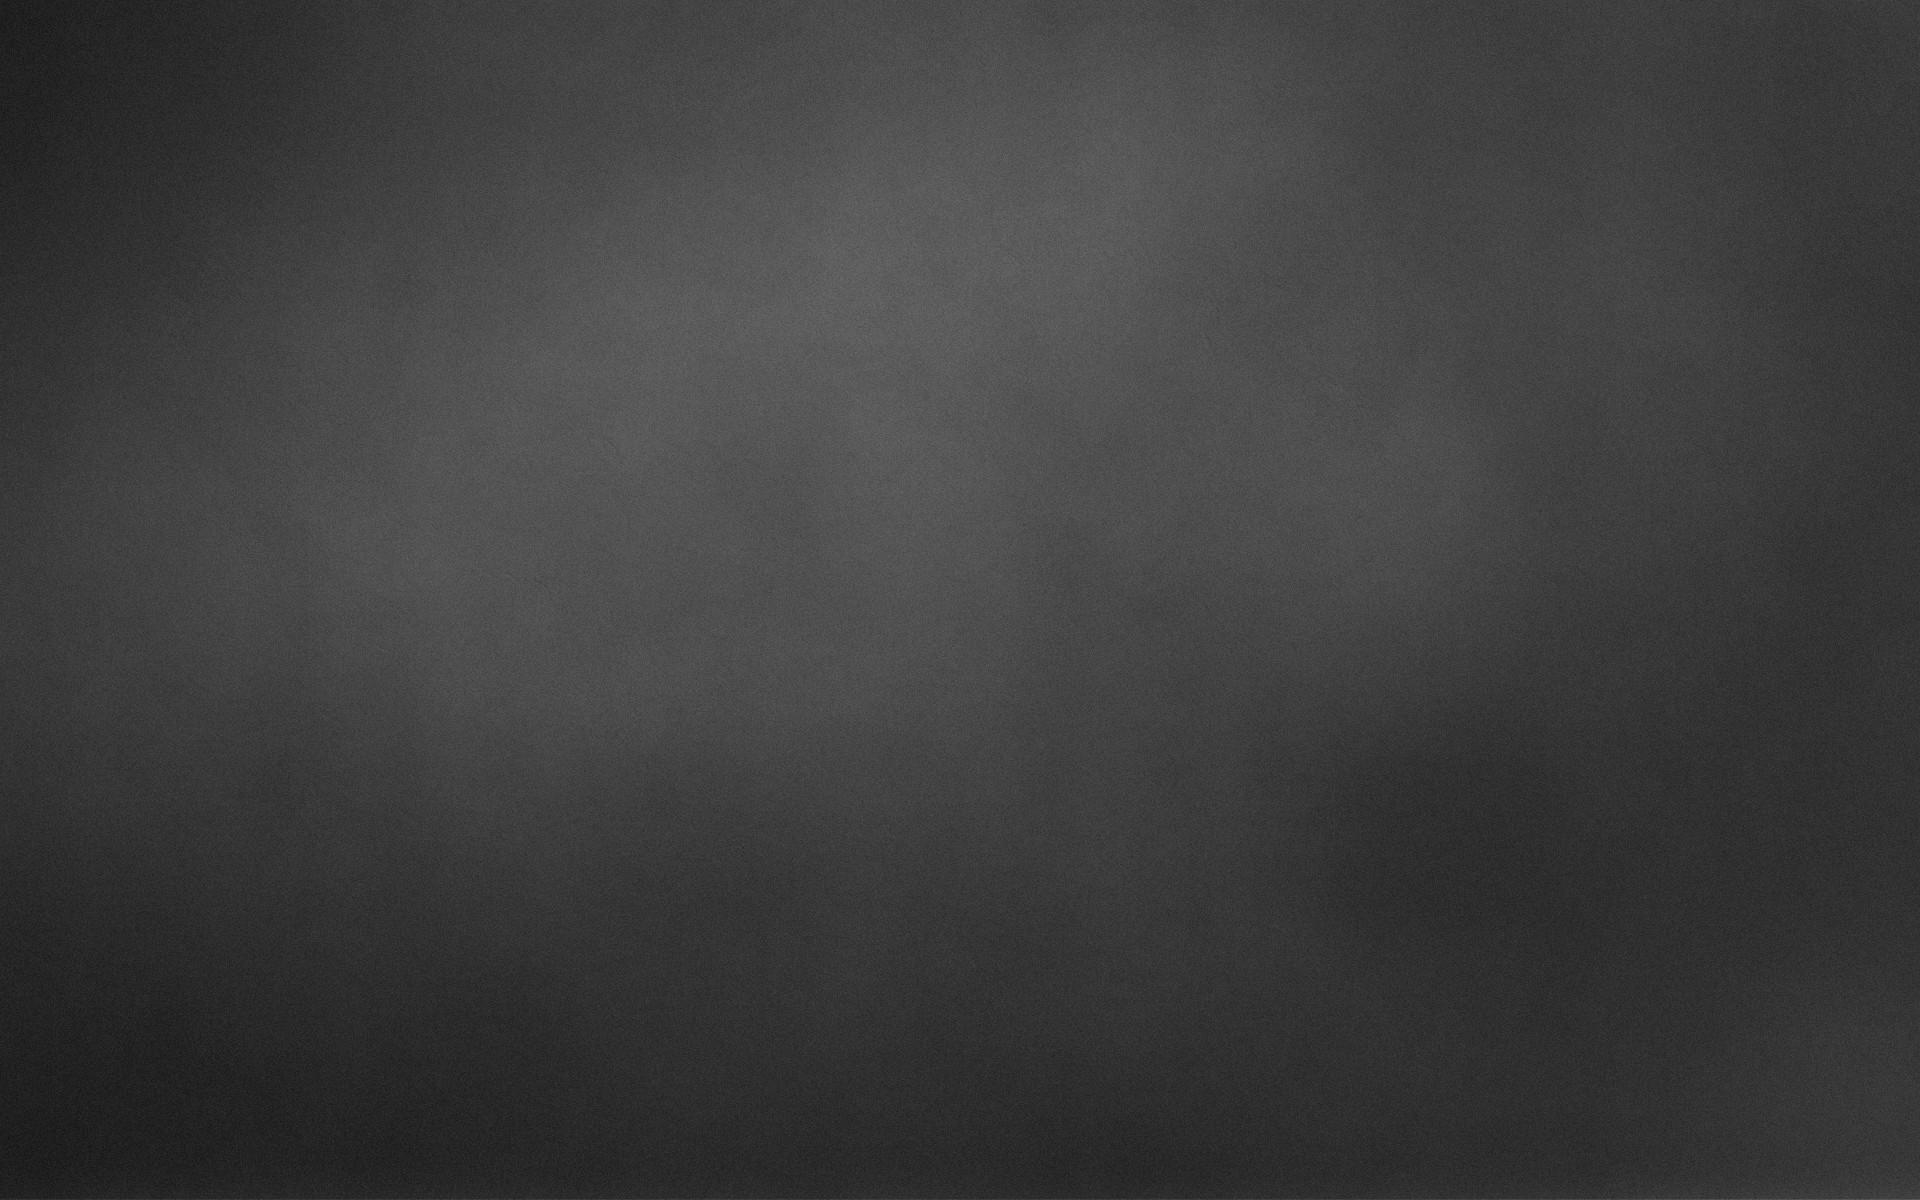 Wall gray textures wallpaper 1920x1200 12808 WallpaperUP 1920x1200